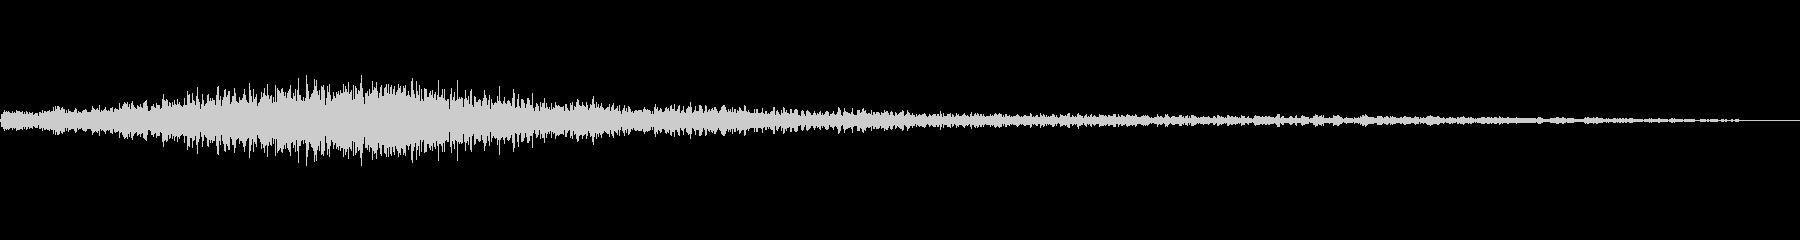 キラキラ残念登場A02の未再生の波形